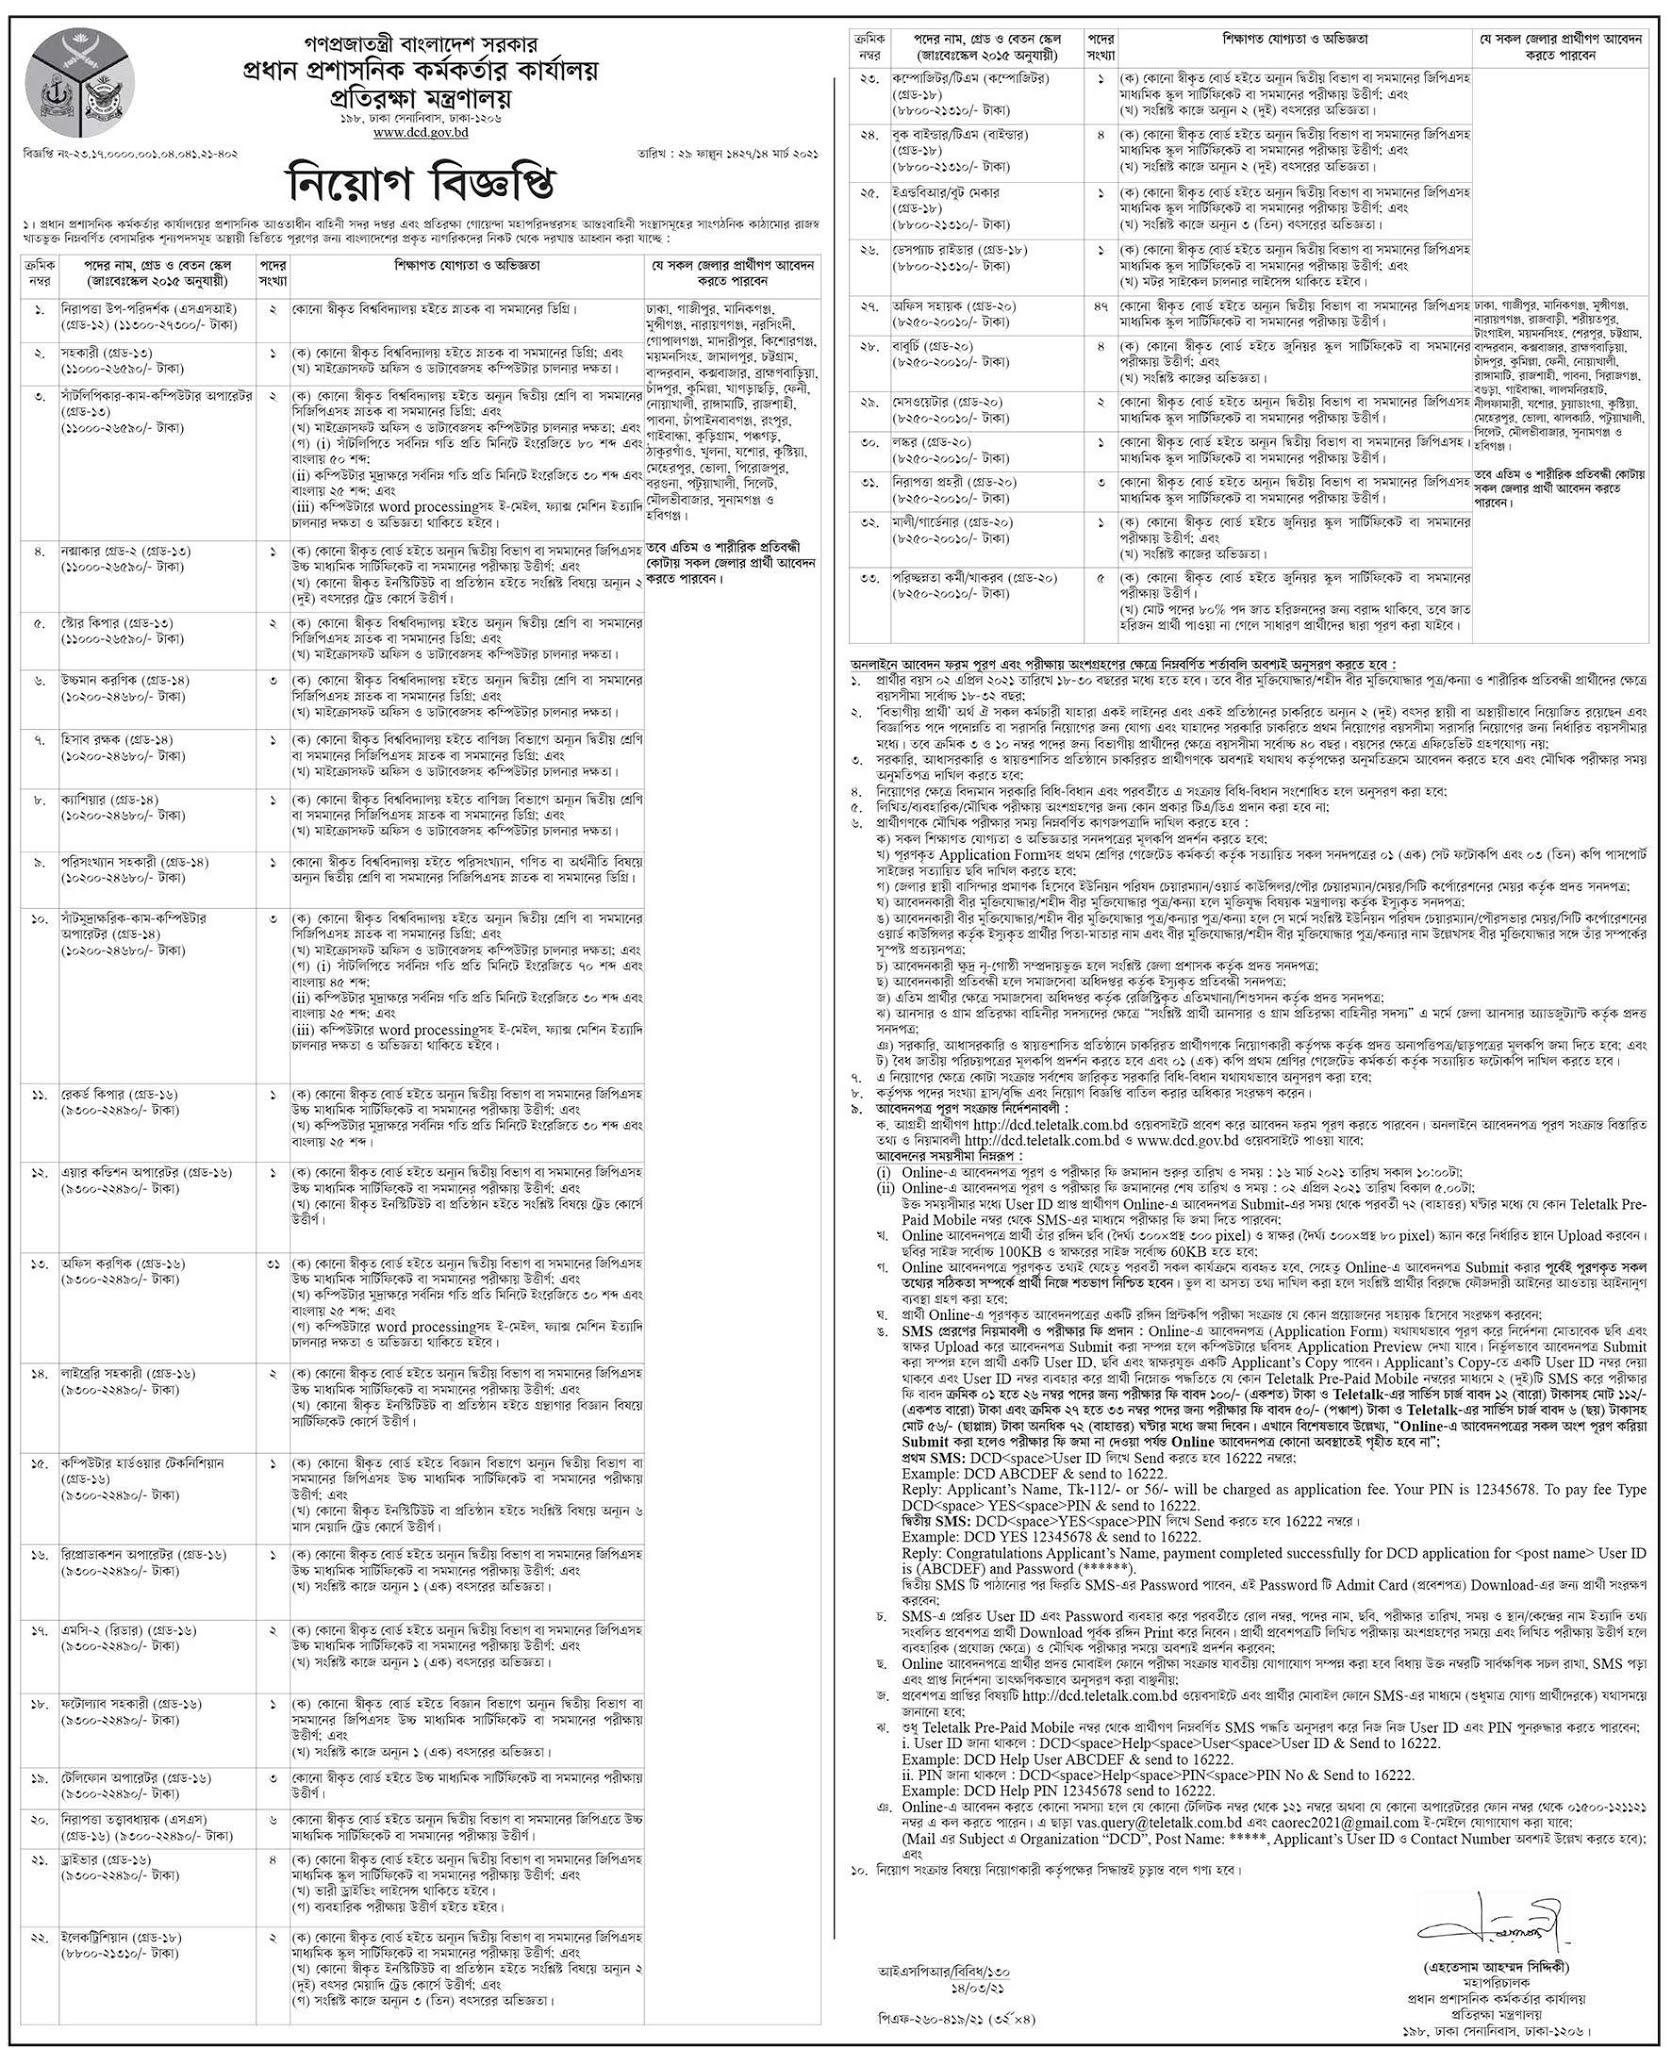 Ministry of Defence (MOD) Job Circular 2021 - প্রতিরক্ষা মন্ত্রণালয় চাকরির বিজ্ঞপ্তি ২০২১ - সরকারি চাকরির খবর ২০২১